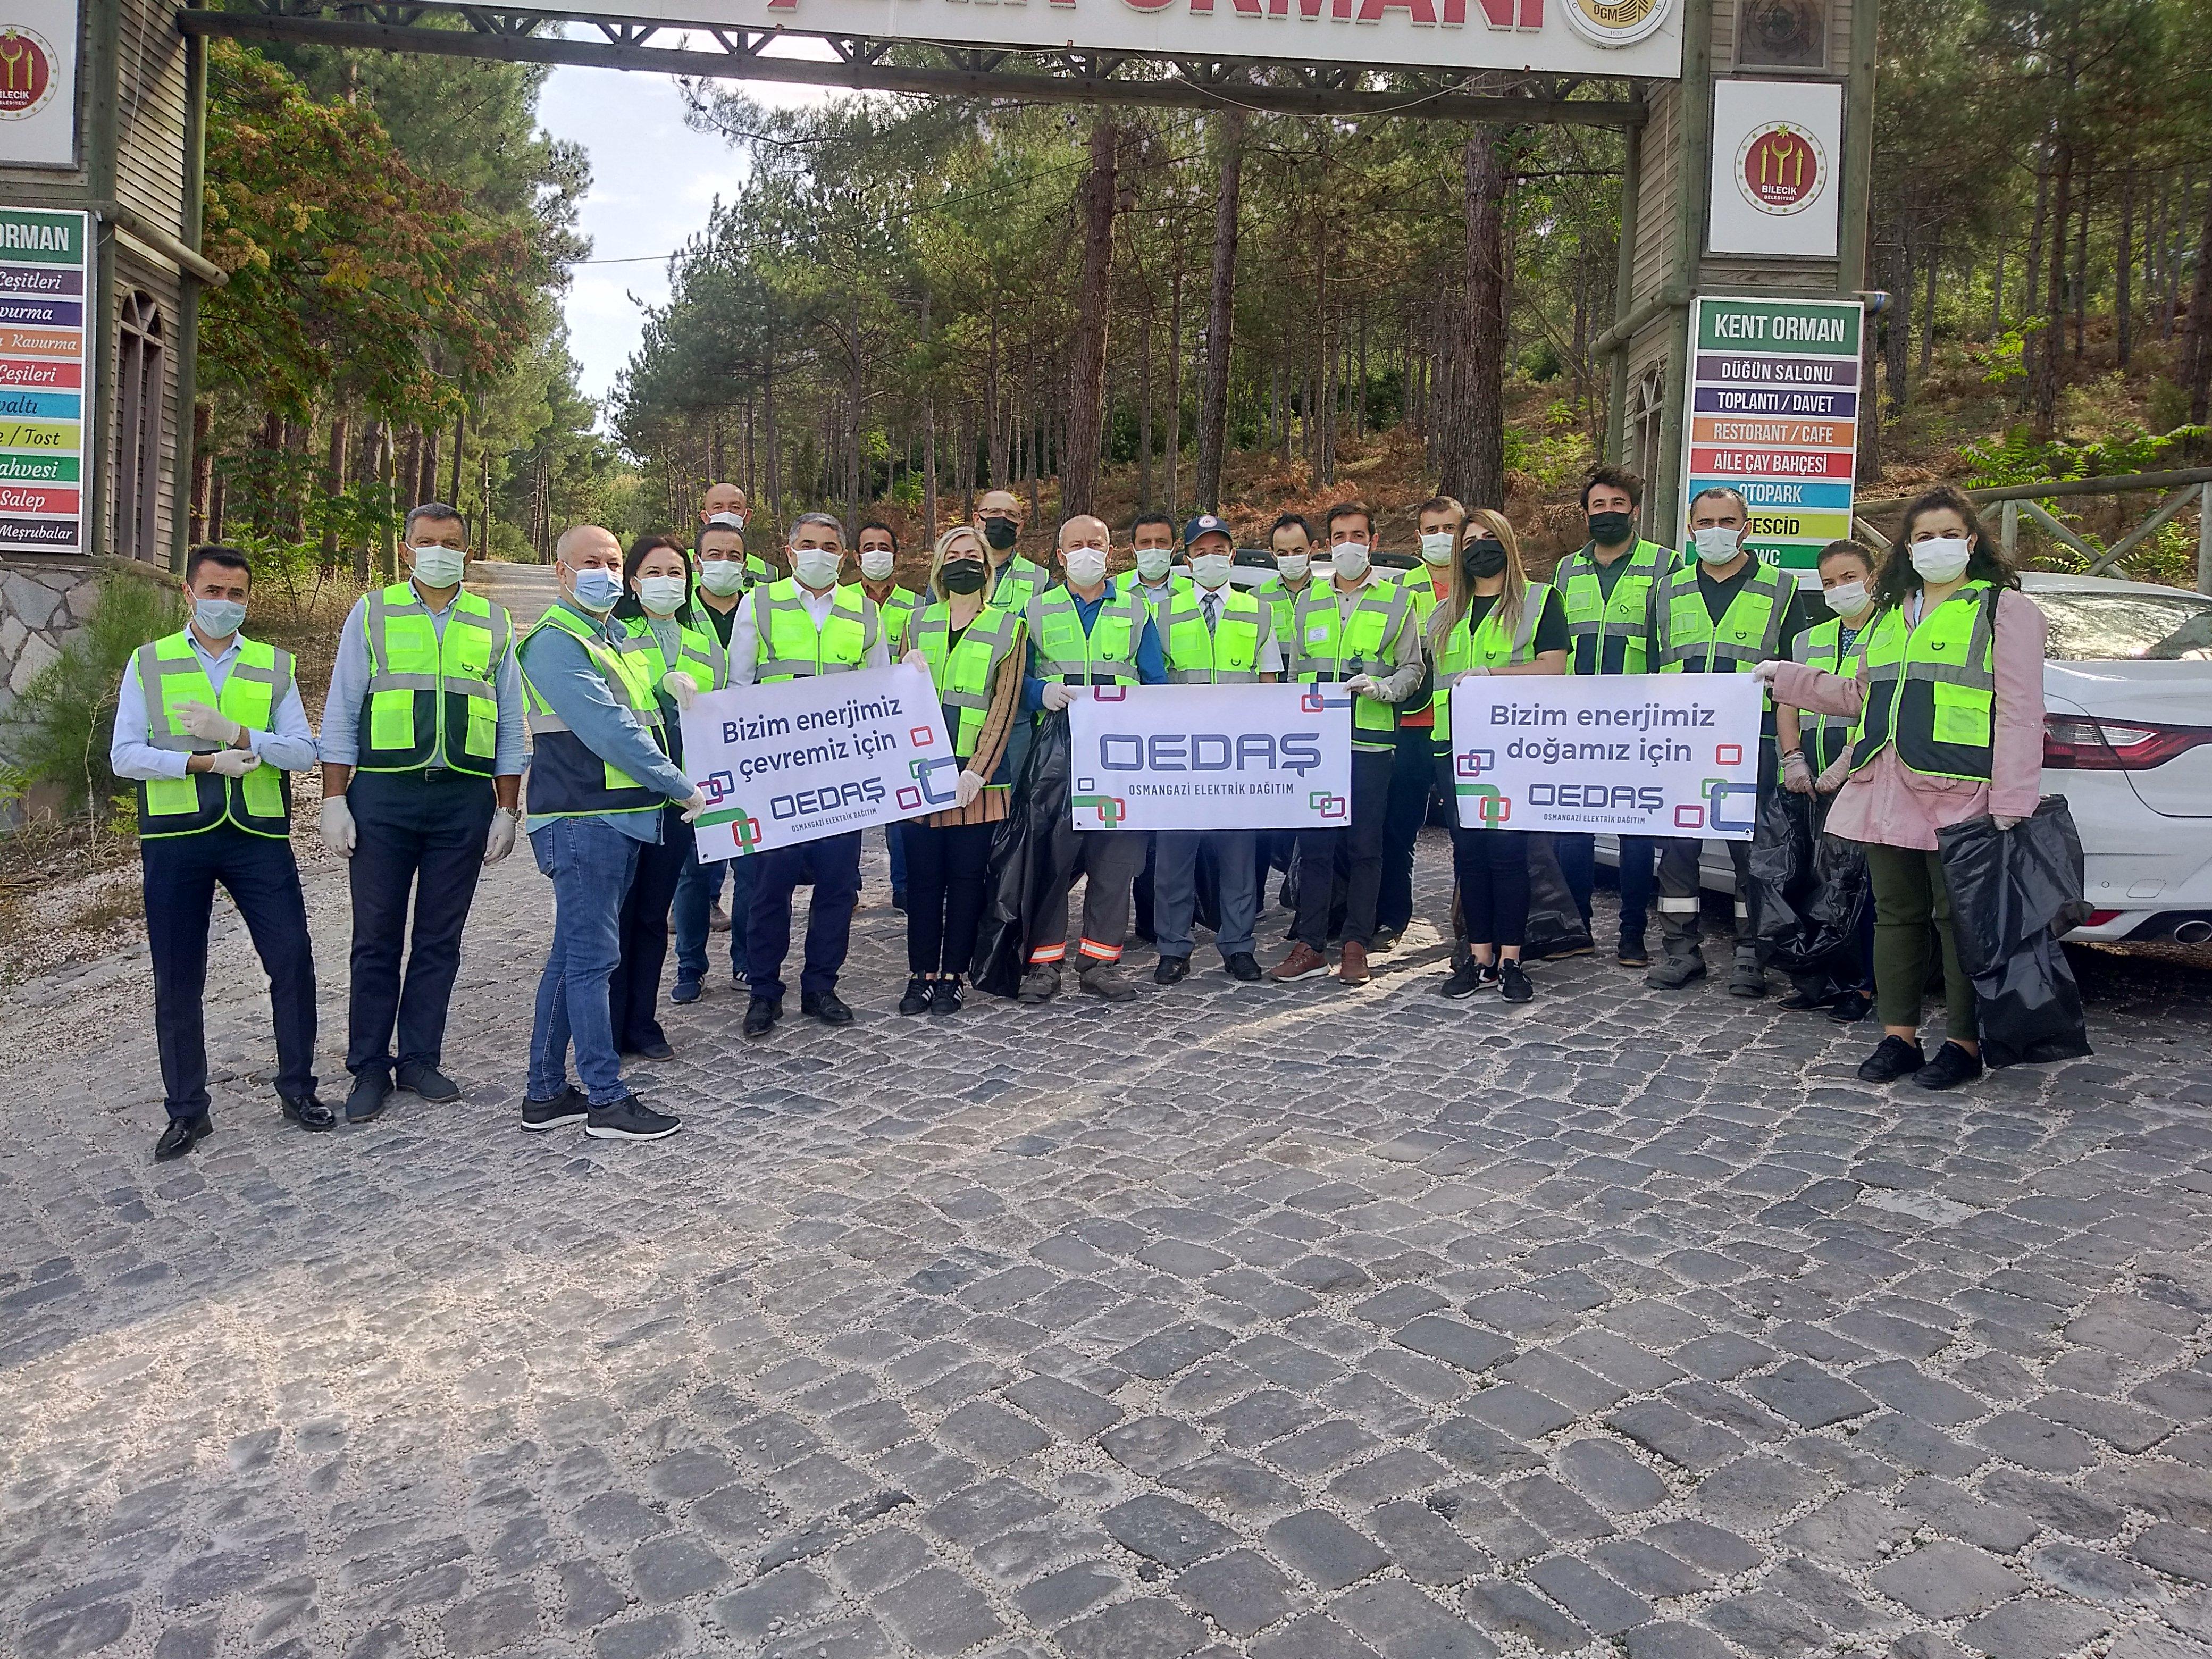 OEDAŞ çalışanları ormanı temizledi 1